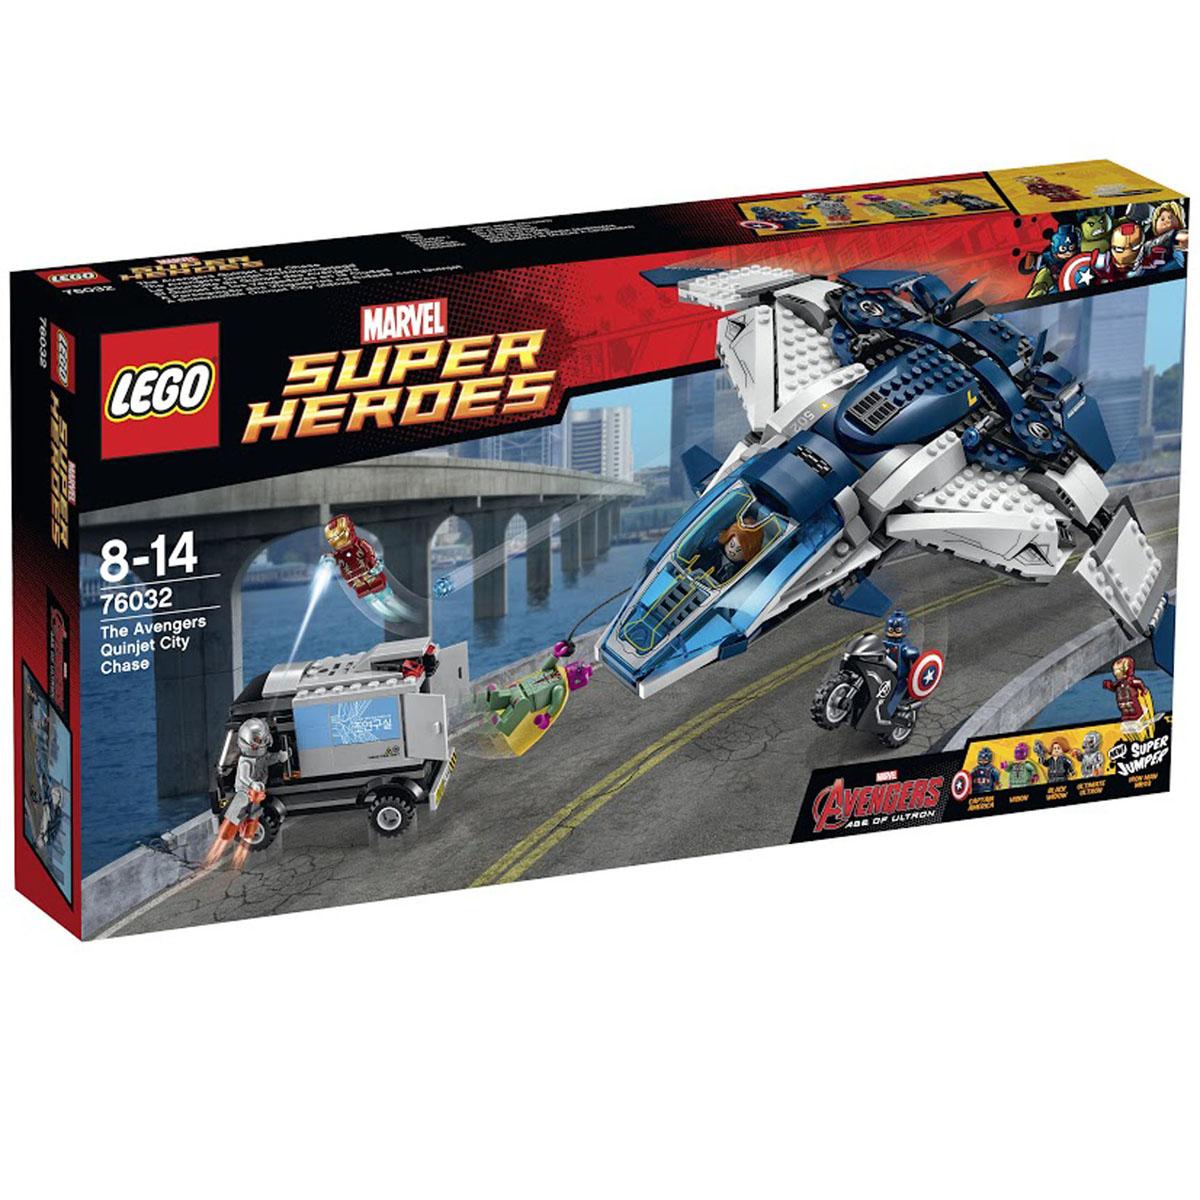 LEGO Super Heroes Погоня на Квинджете Мстителей 7603276032Игровой набор от компании Lego позволит малышу инсценировать увлекательные погони на Квиджете Мстителей за грузовиком. Сверхзвуковой самолет выполнен из бело-синих деталей с голубым ветровым стеклом, подняв которое, можно рассмотреть интерьер и приборную панель управления. Квинджет оборудован подвижными крыльями, самонаводящимися ракетницами и системой бомбометания. В центральной части есть тайный отсек для перевозки мотоцикла Капитана Америки. Для катапультирования необходимо открыть люк рядом с шасси. В хвосте летательного аппарата расположен грузовой отсек с опускающейся стенкой, что позволит завозить технику и инвентарь внутрь корабля. Также для транспортировки небольших грузов или десантирования можно использовать тросовую лебёдку. Найди Альтрона по следам с помощью легендарного Квинджета Мстителей. Помести Черную вдову за пульт управления и взмывай в небо. Стреляй из шипованных шутеров и освободи Капитана Америку на супер-мотоцикле, чтобы продолжить погоню по улицам....